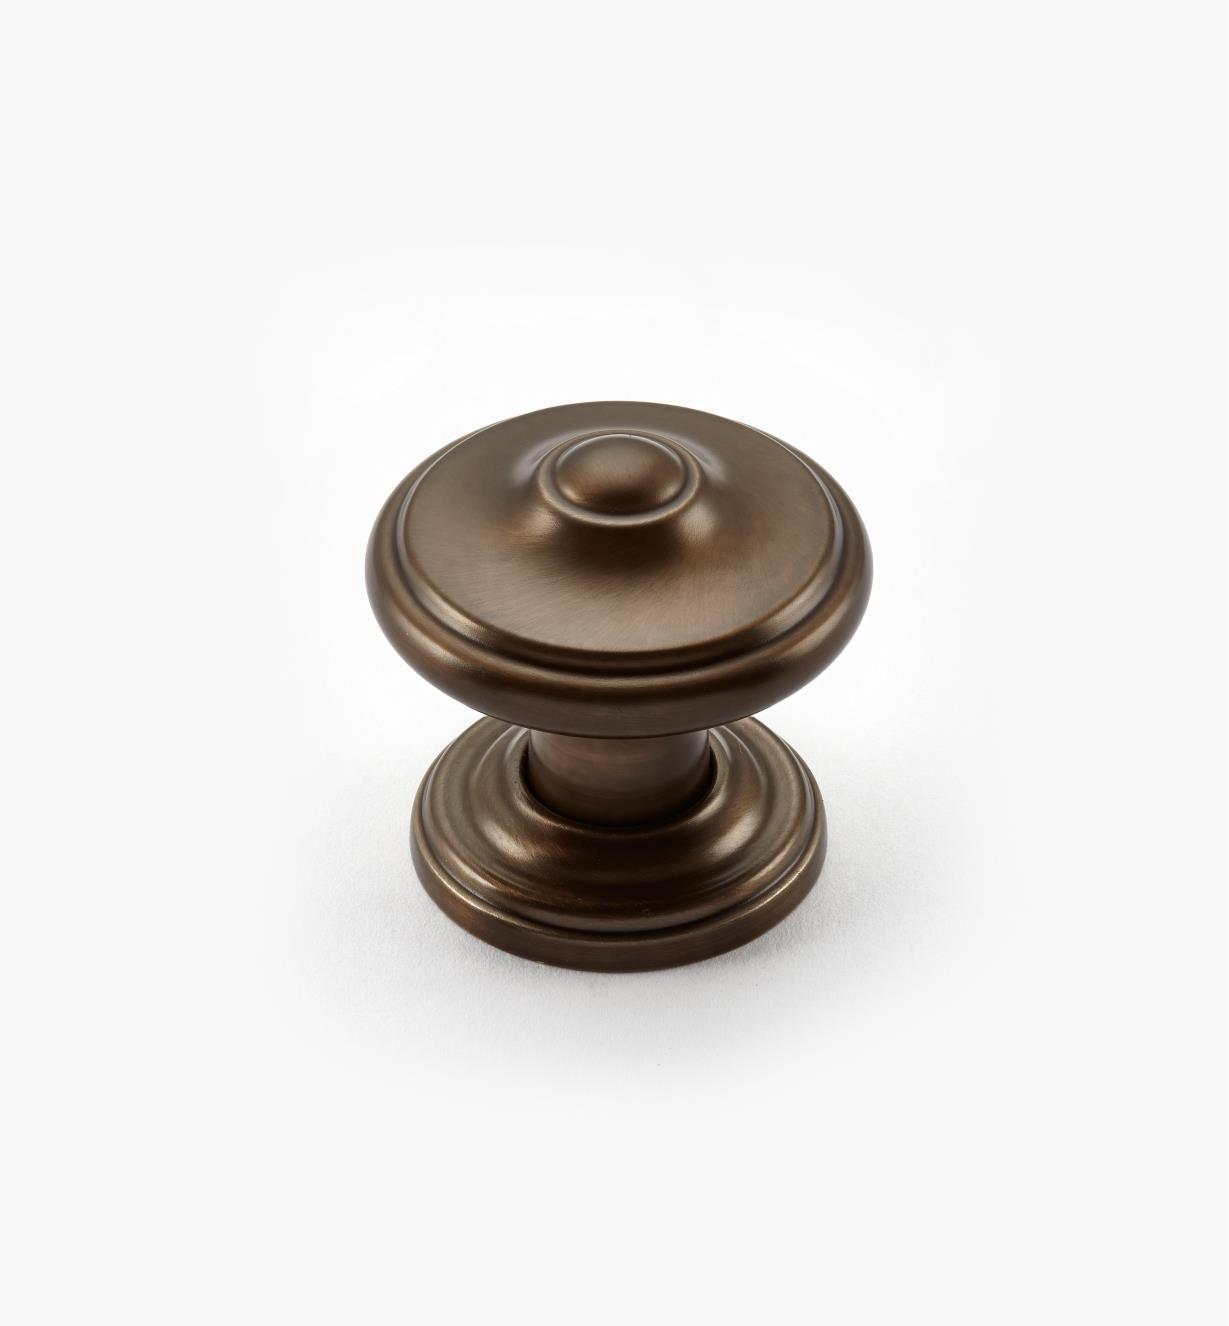 02A2221 - Bouton lyonnais Revitalize, 11/4po, bronze cuivré, l'unité